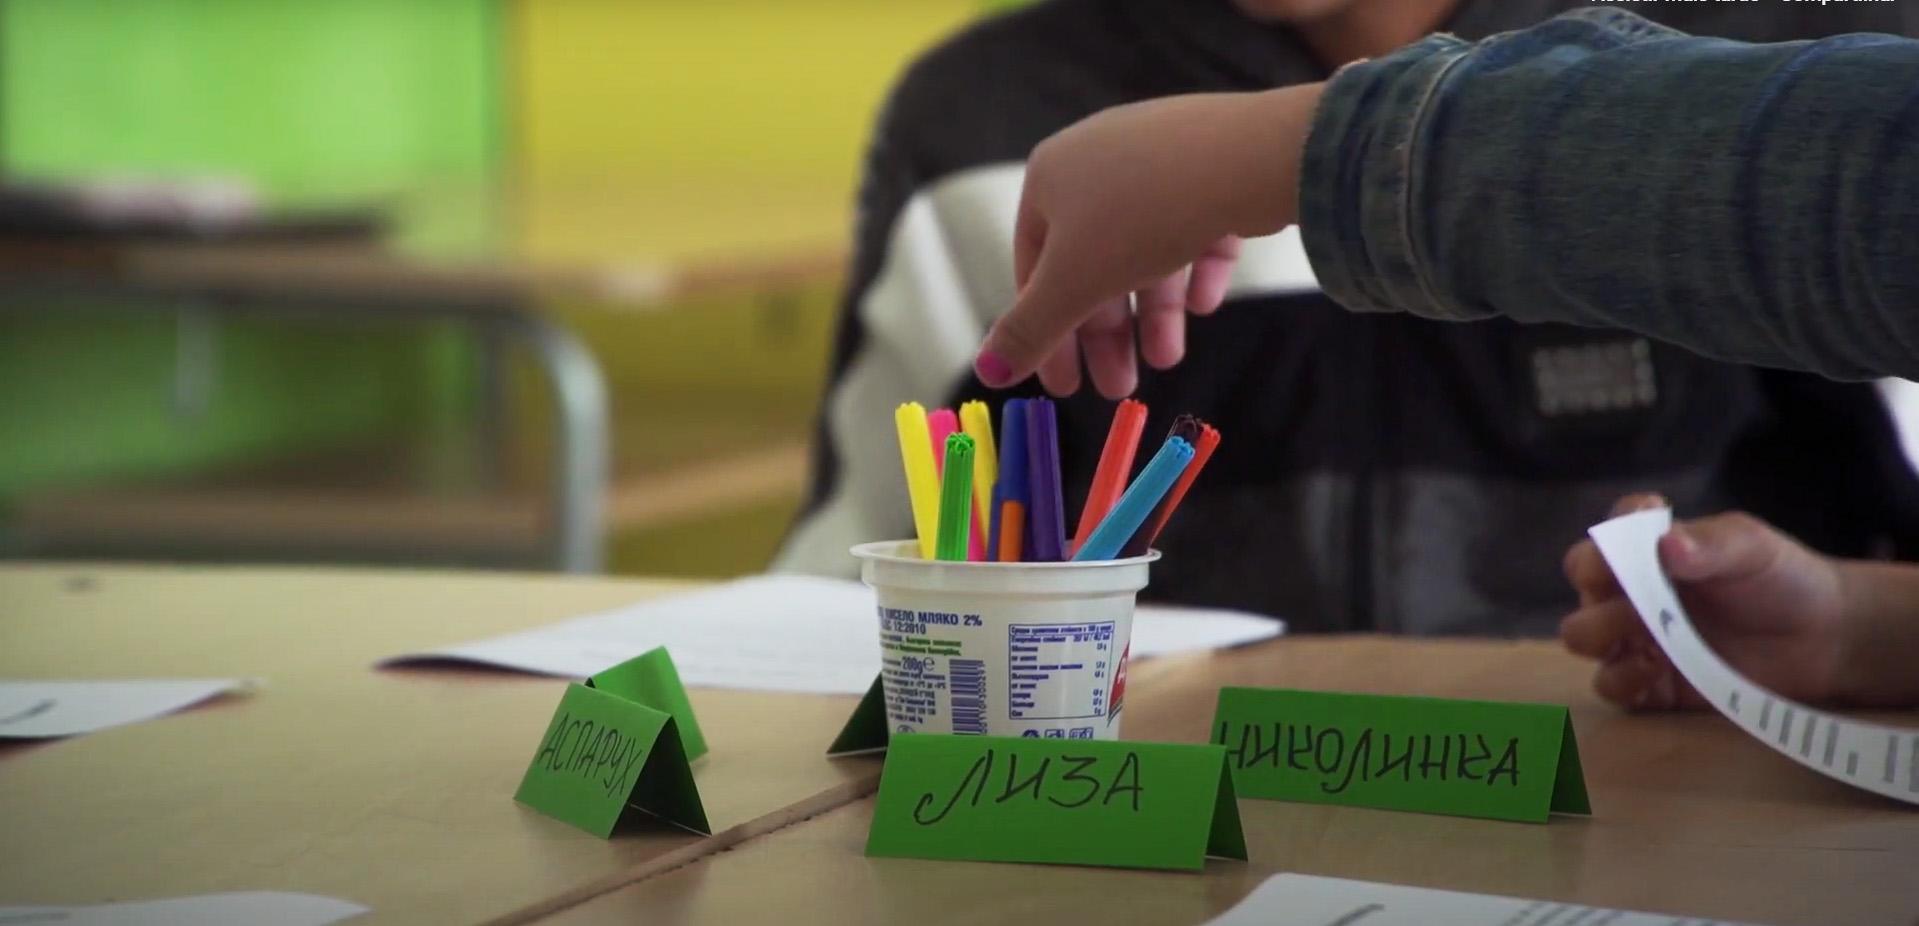 Em sala de aula de escola, estudante escolhe canetinha colorida de copo em cima da mesa. Ao redor do copo, plaquinhas com nomes em búlgaro. Fim da descrição.